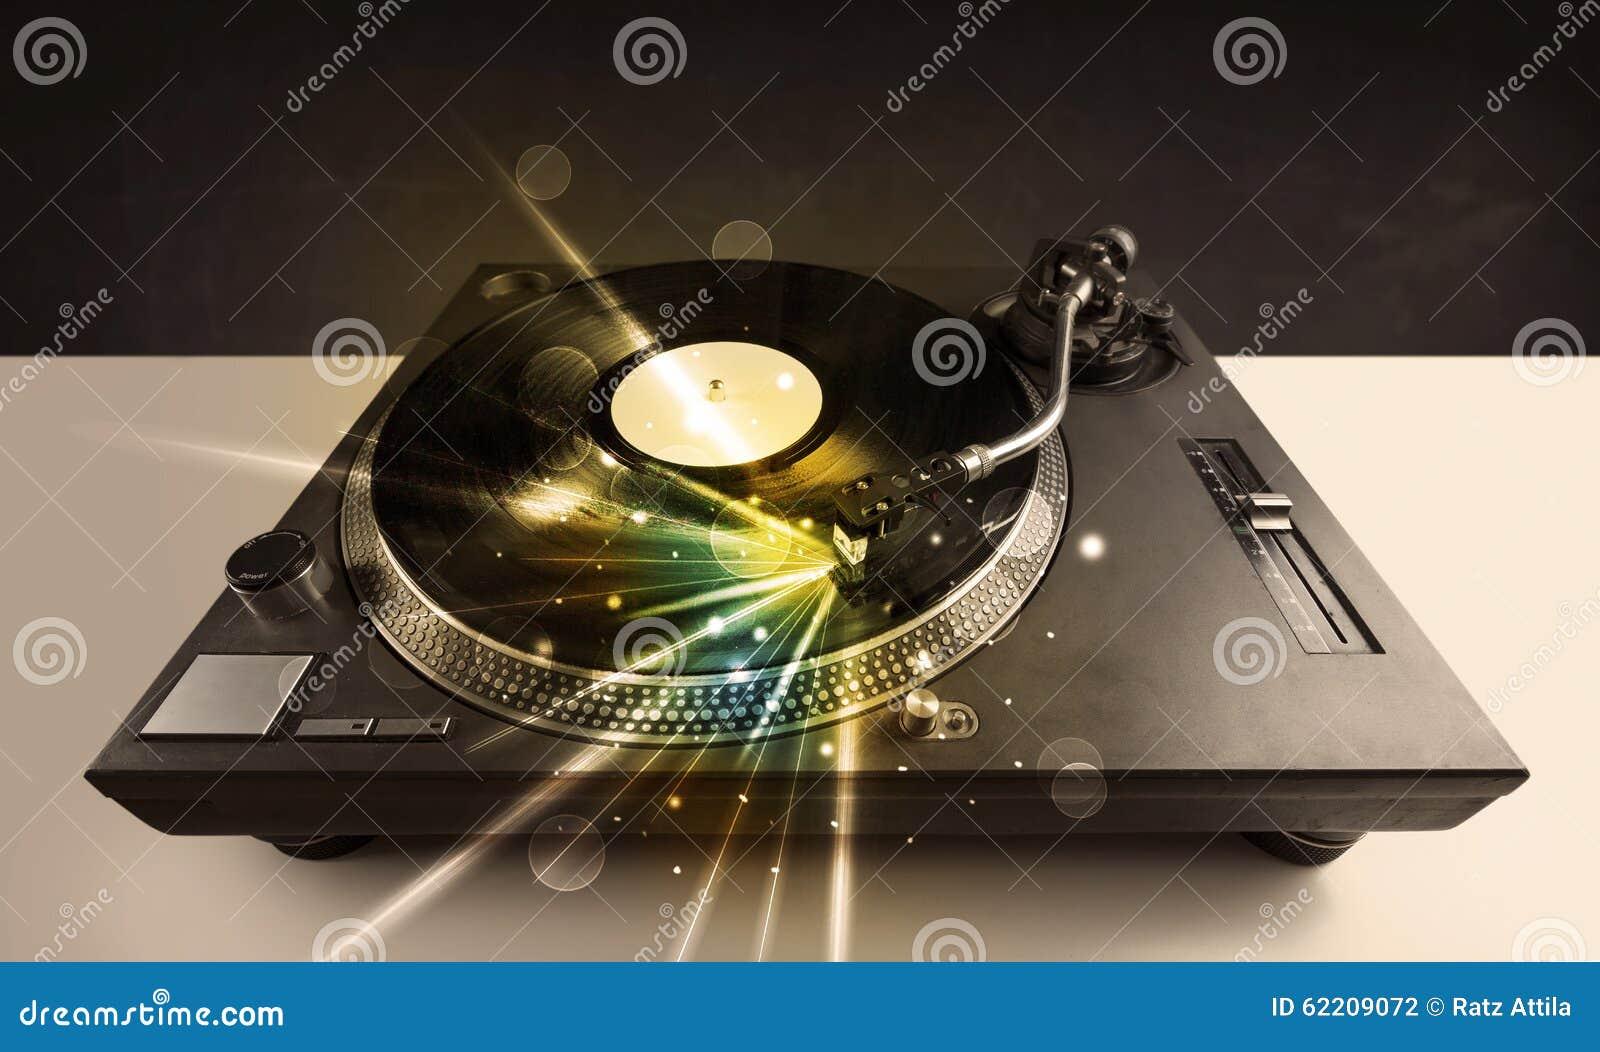 le lecteur de musique jouant le vinyle avec la lueur raye. Black Bedroom Furniture Sets. Home Design Ideas